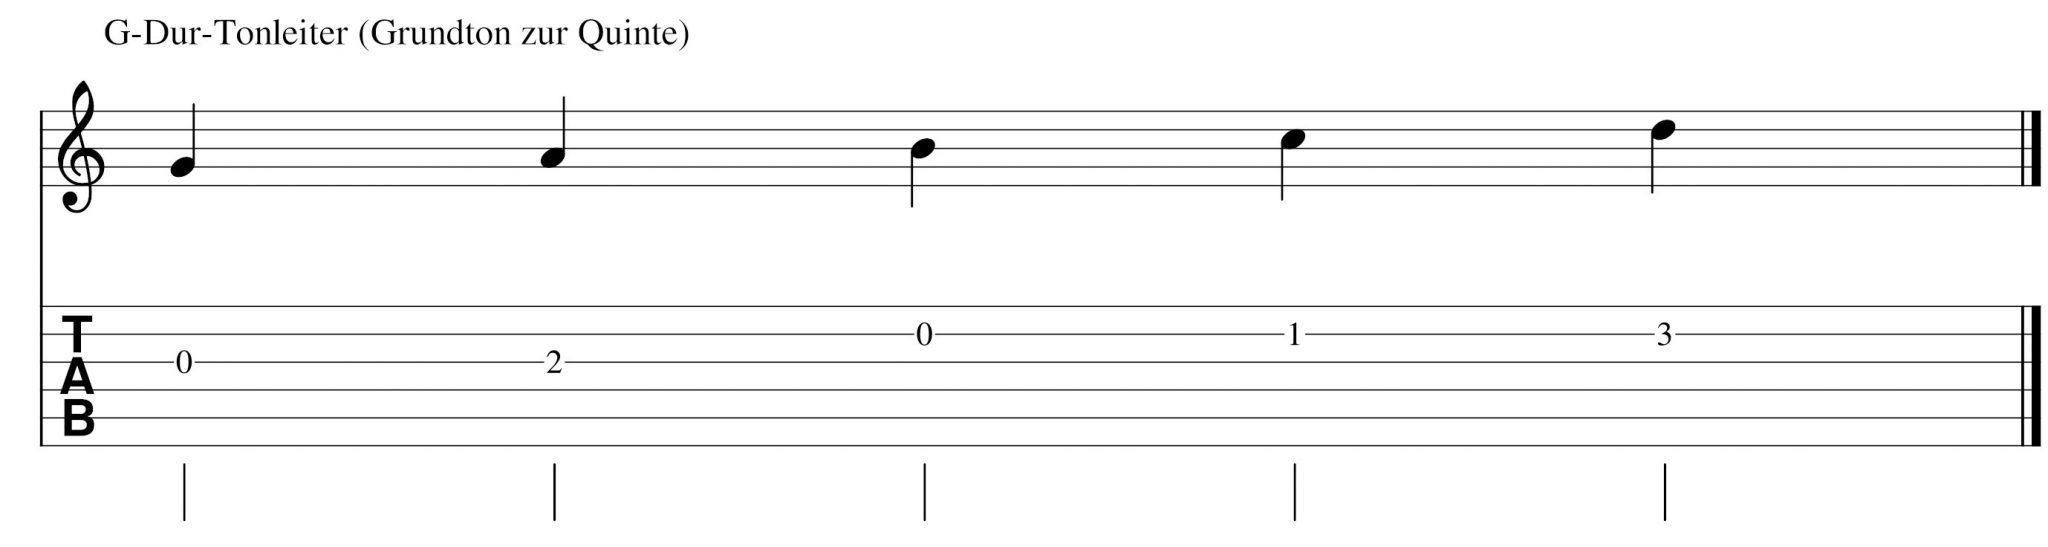 G-Durtonleiter auf der Gitarre lernen